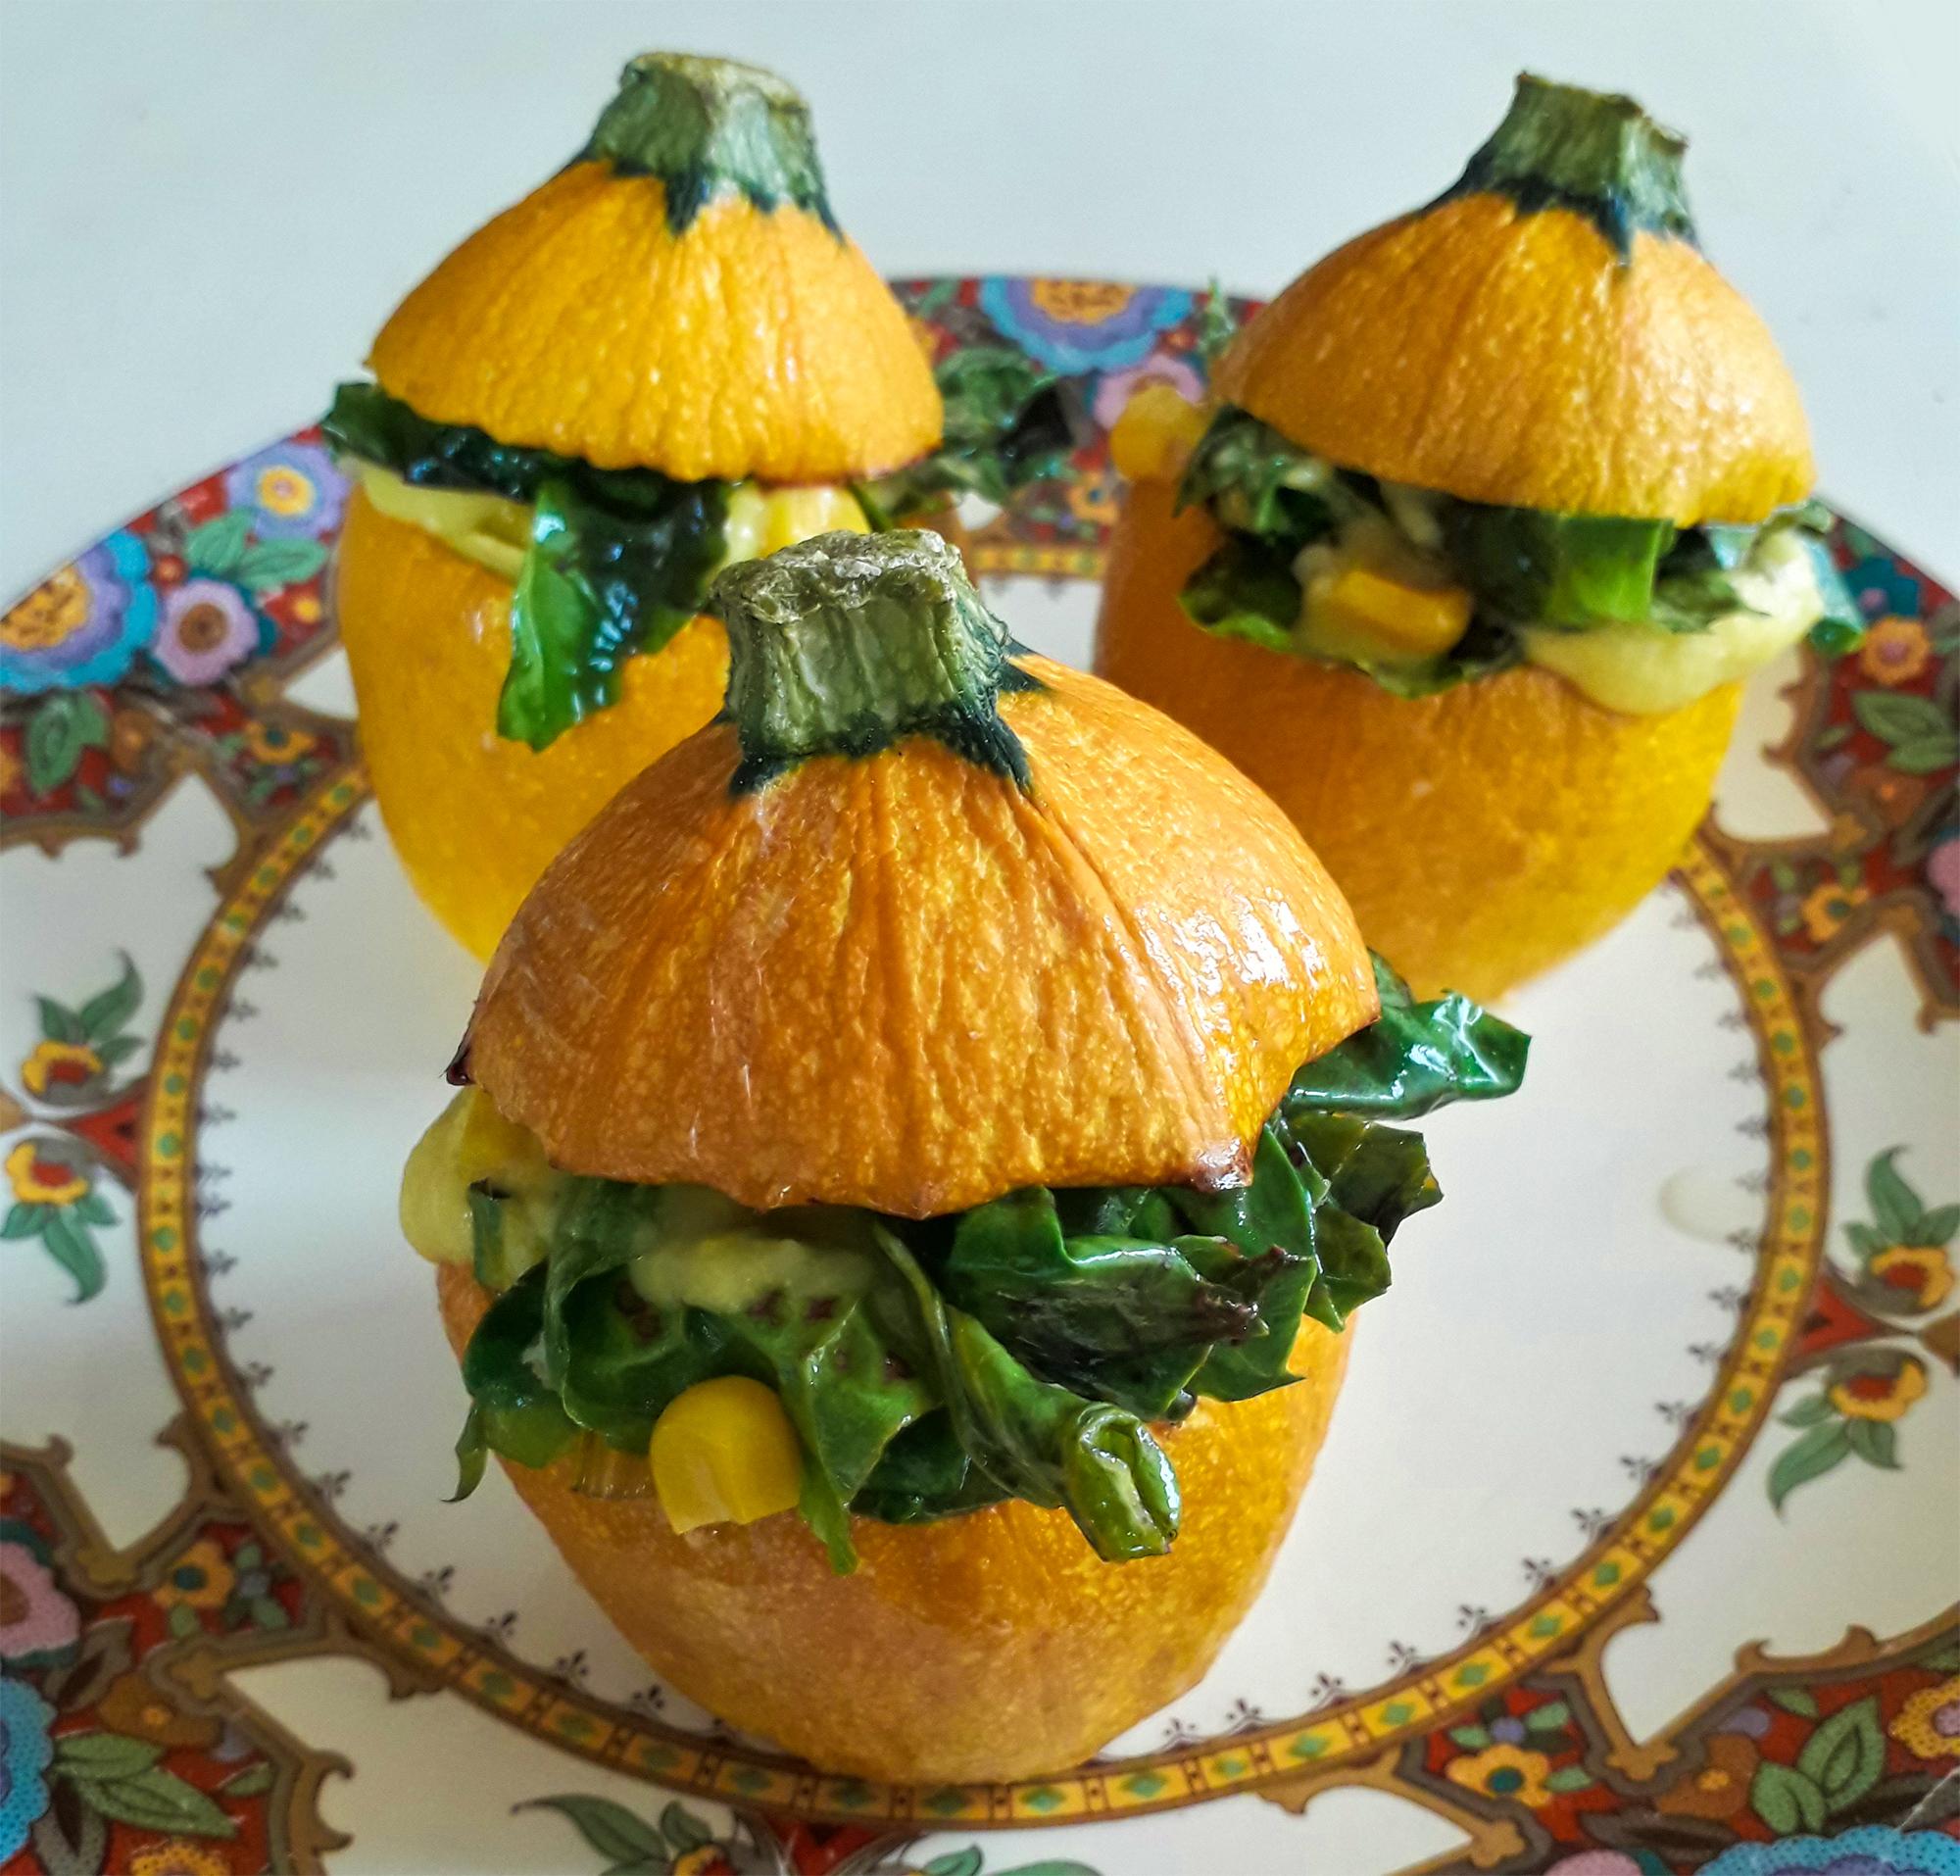 Receta Calabacines Amarillos Rellenos Espinacas Maiz Afuegolento 3